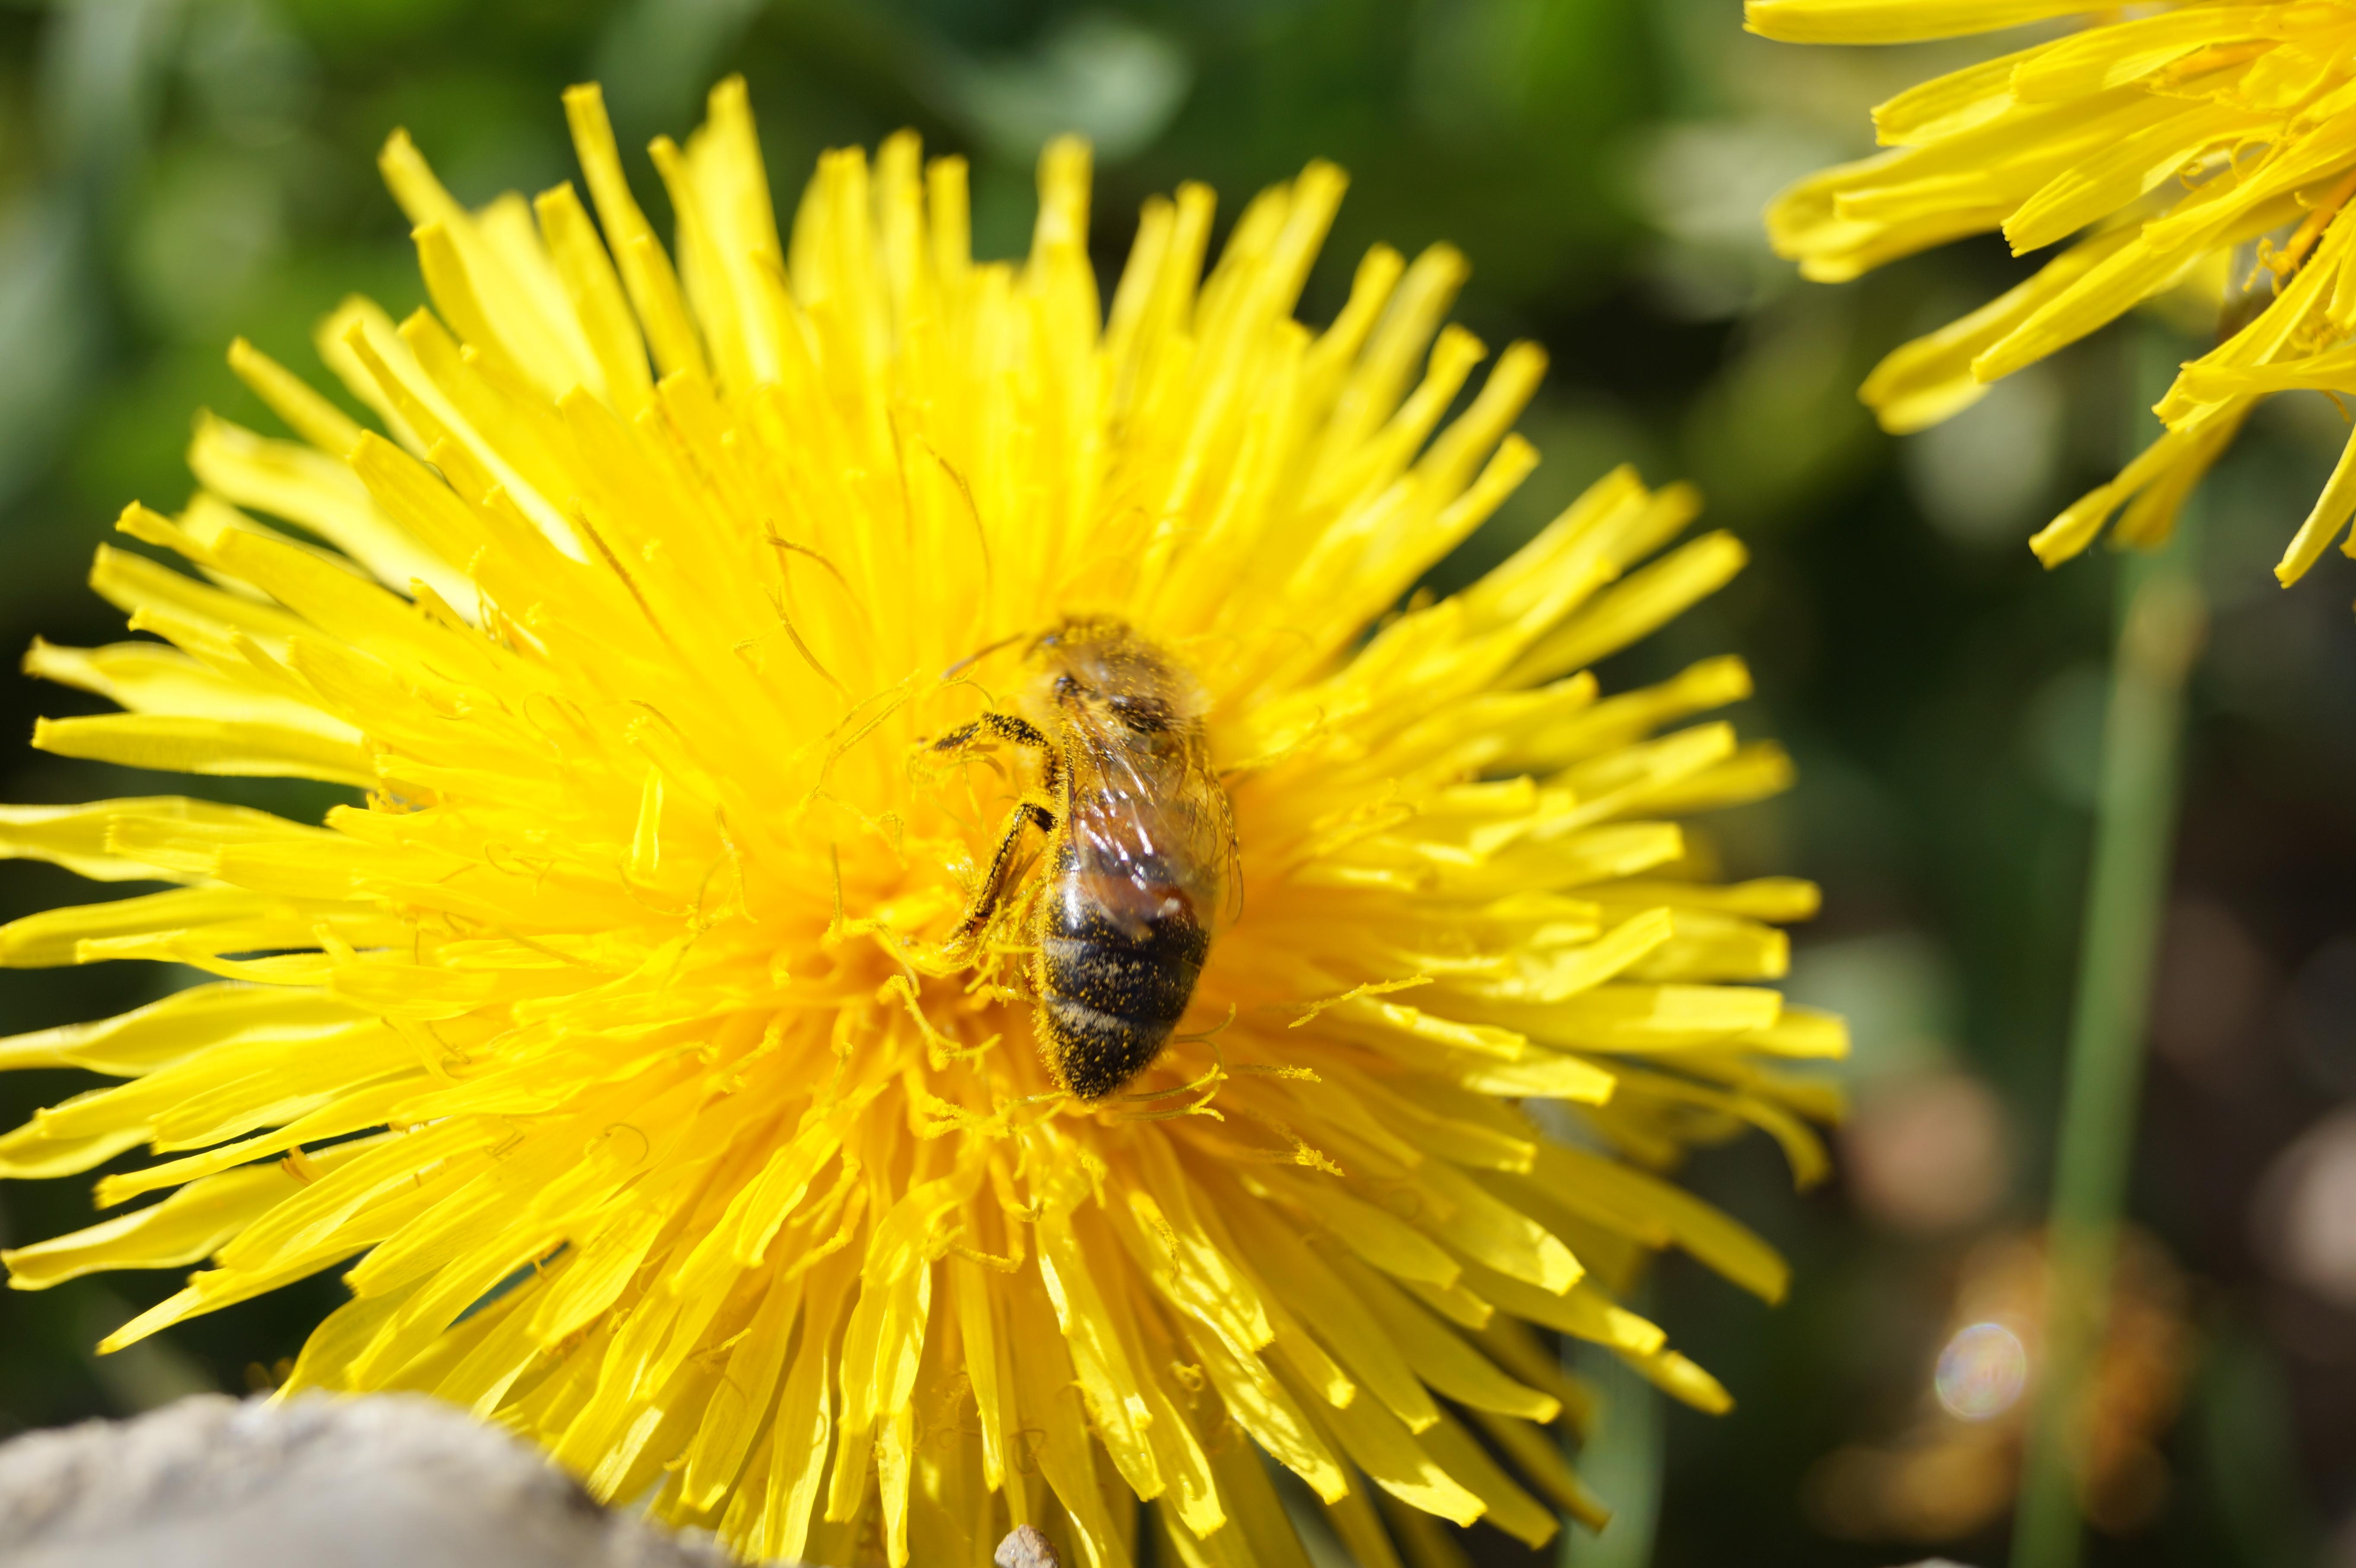 Arbeitsplatz Sicherheit Liefert Mesh Gesichtsmaske Hut Halten Insekten Bee Fliegen Gesicht-protector Imker Angeln Hohe Belastbarkeit